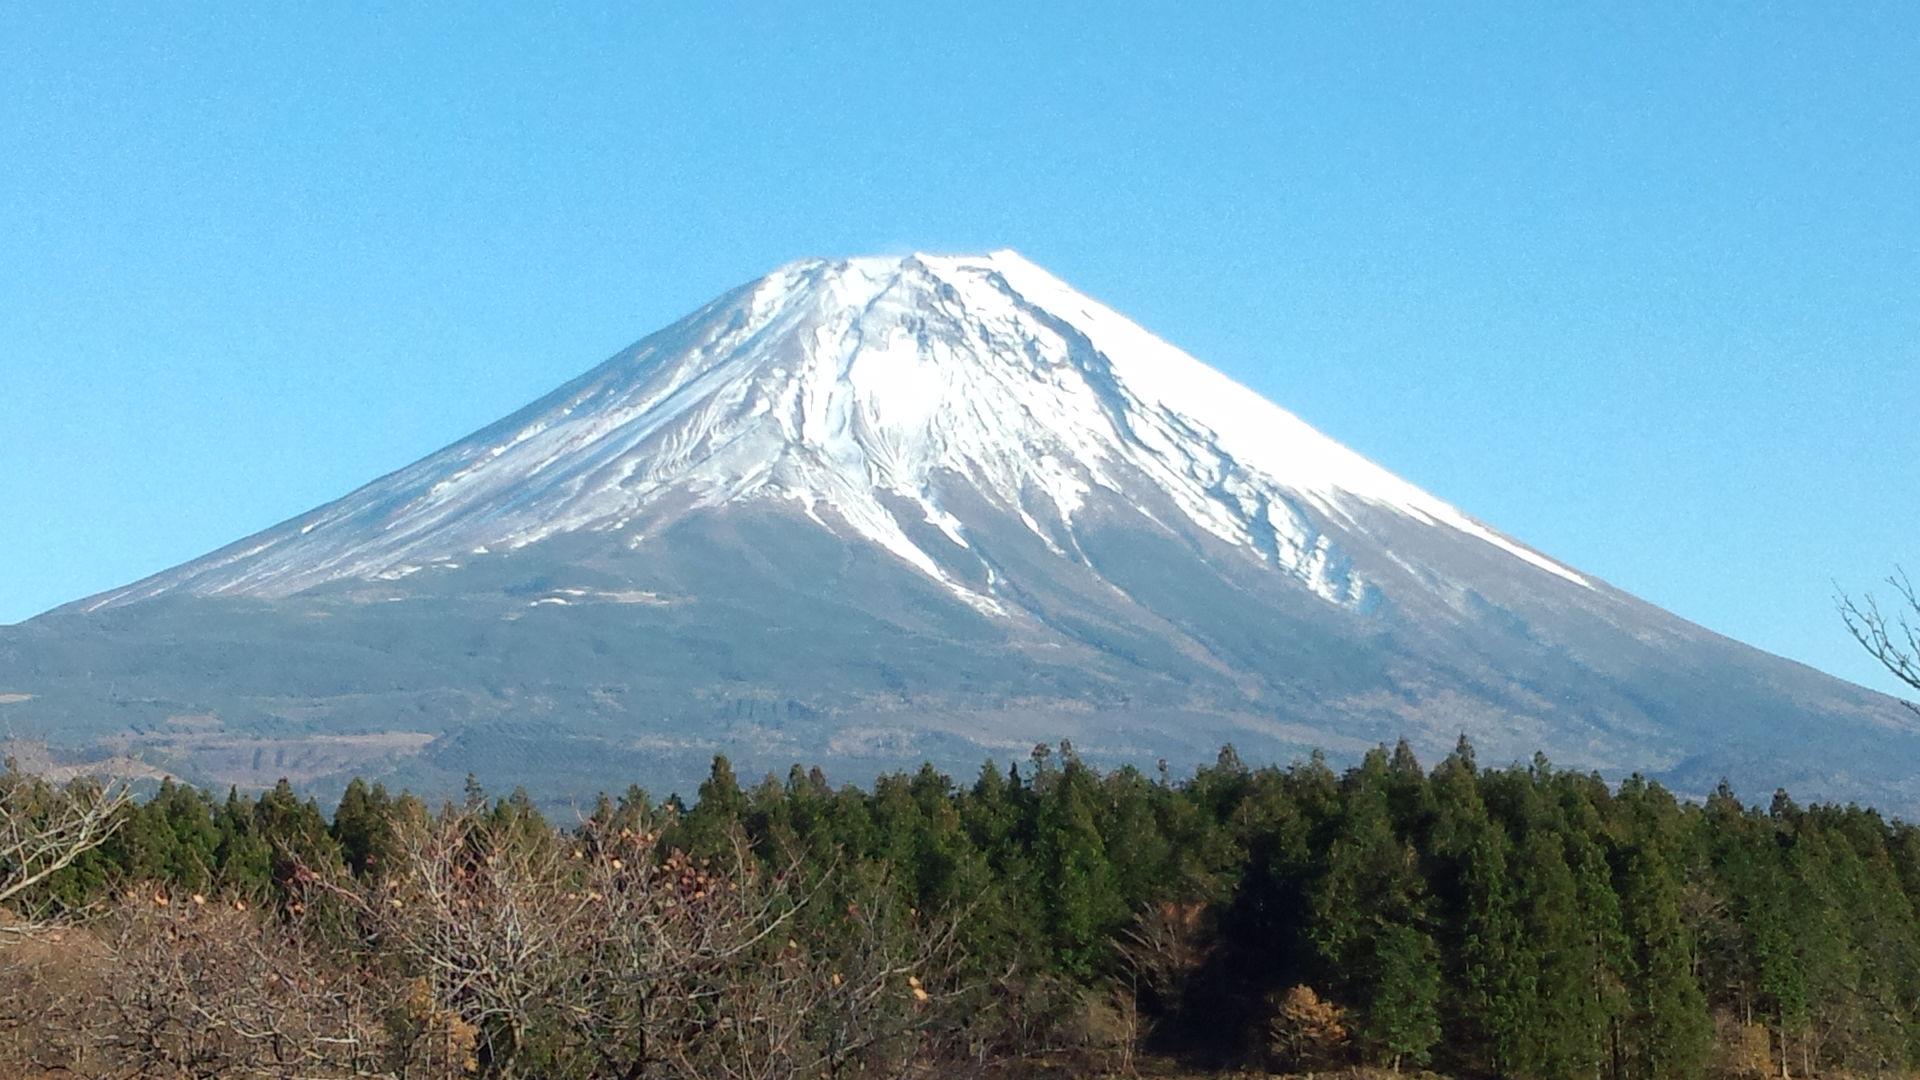 Fuji_asagiri.jpg